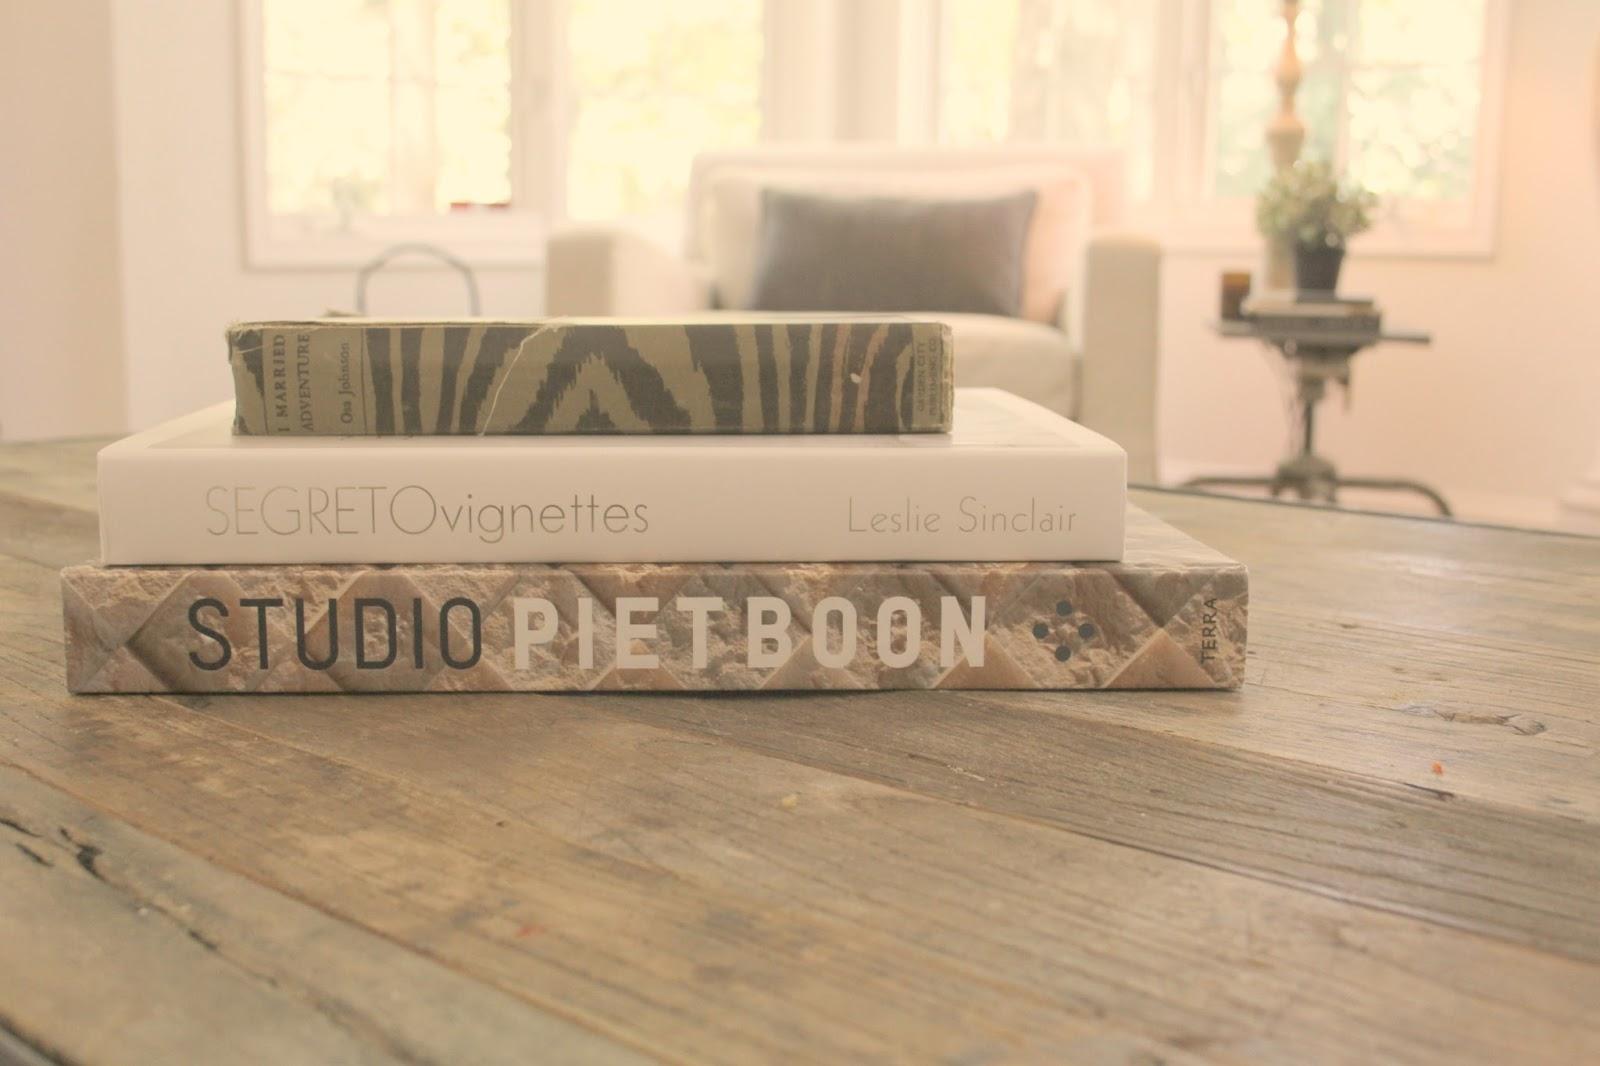 Books: Segreto Vignettes {Leslie Sinclair}